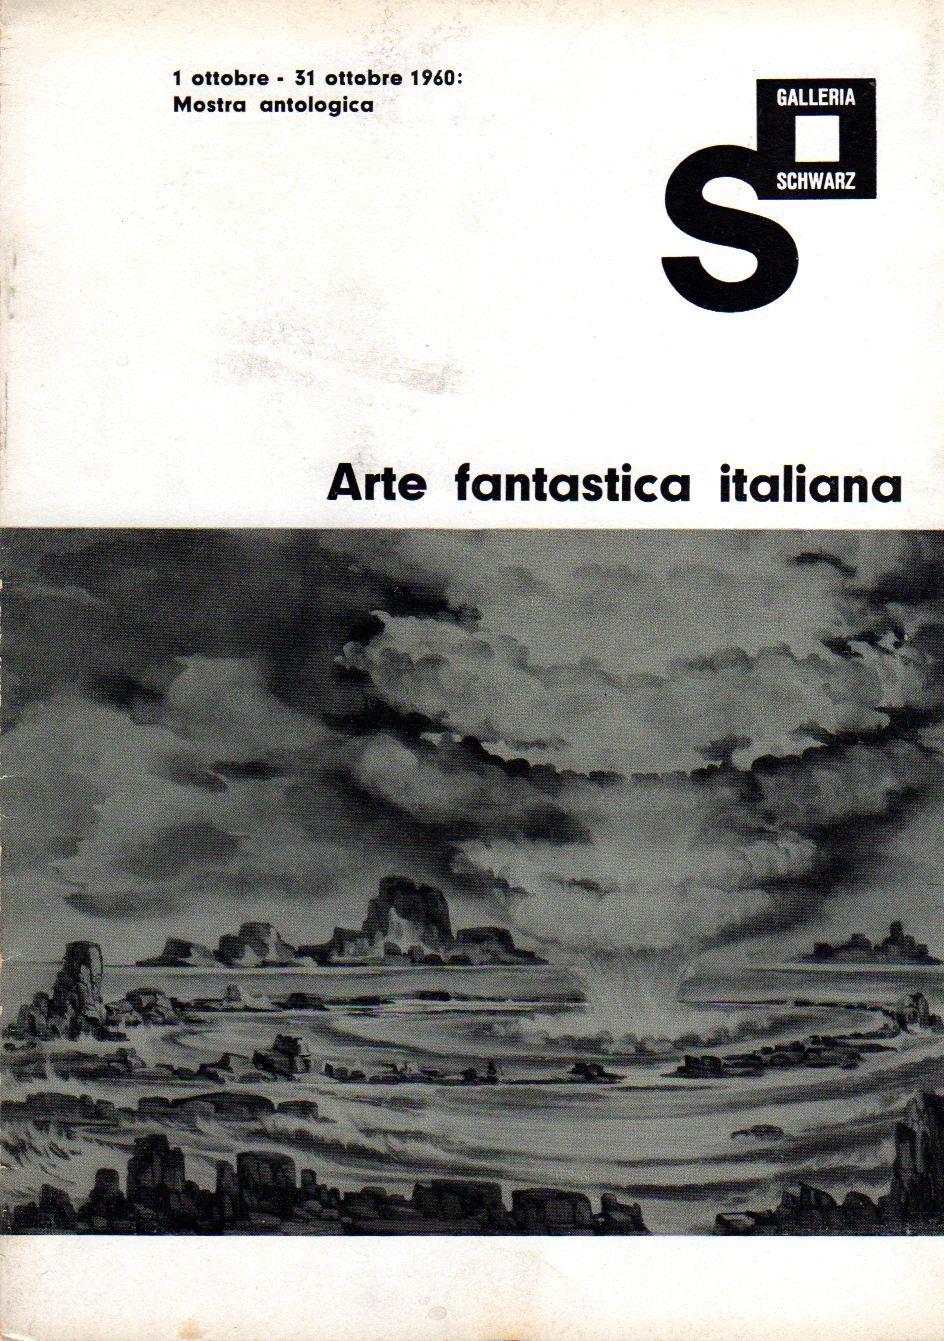 Arte fantastica Italiana - galleria schwarz (1960)